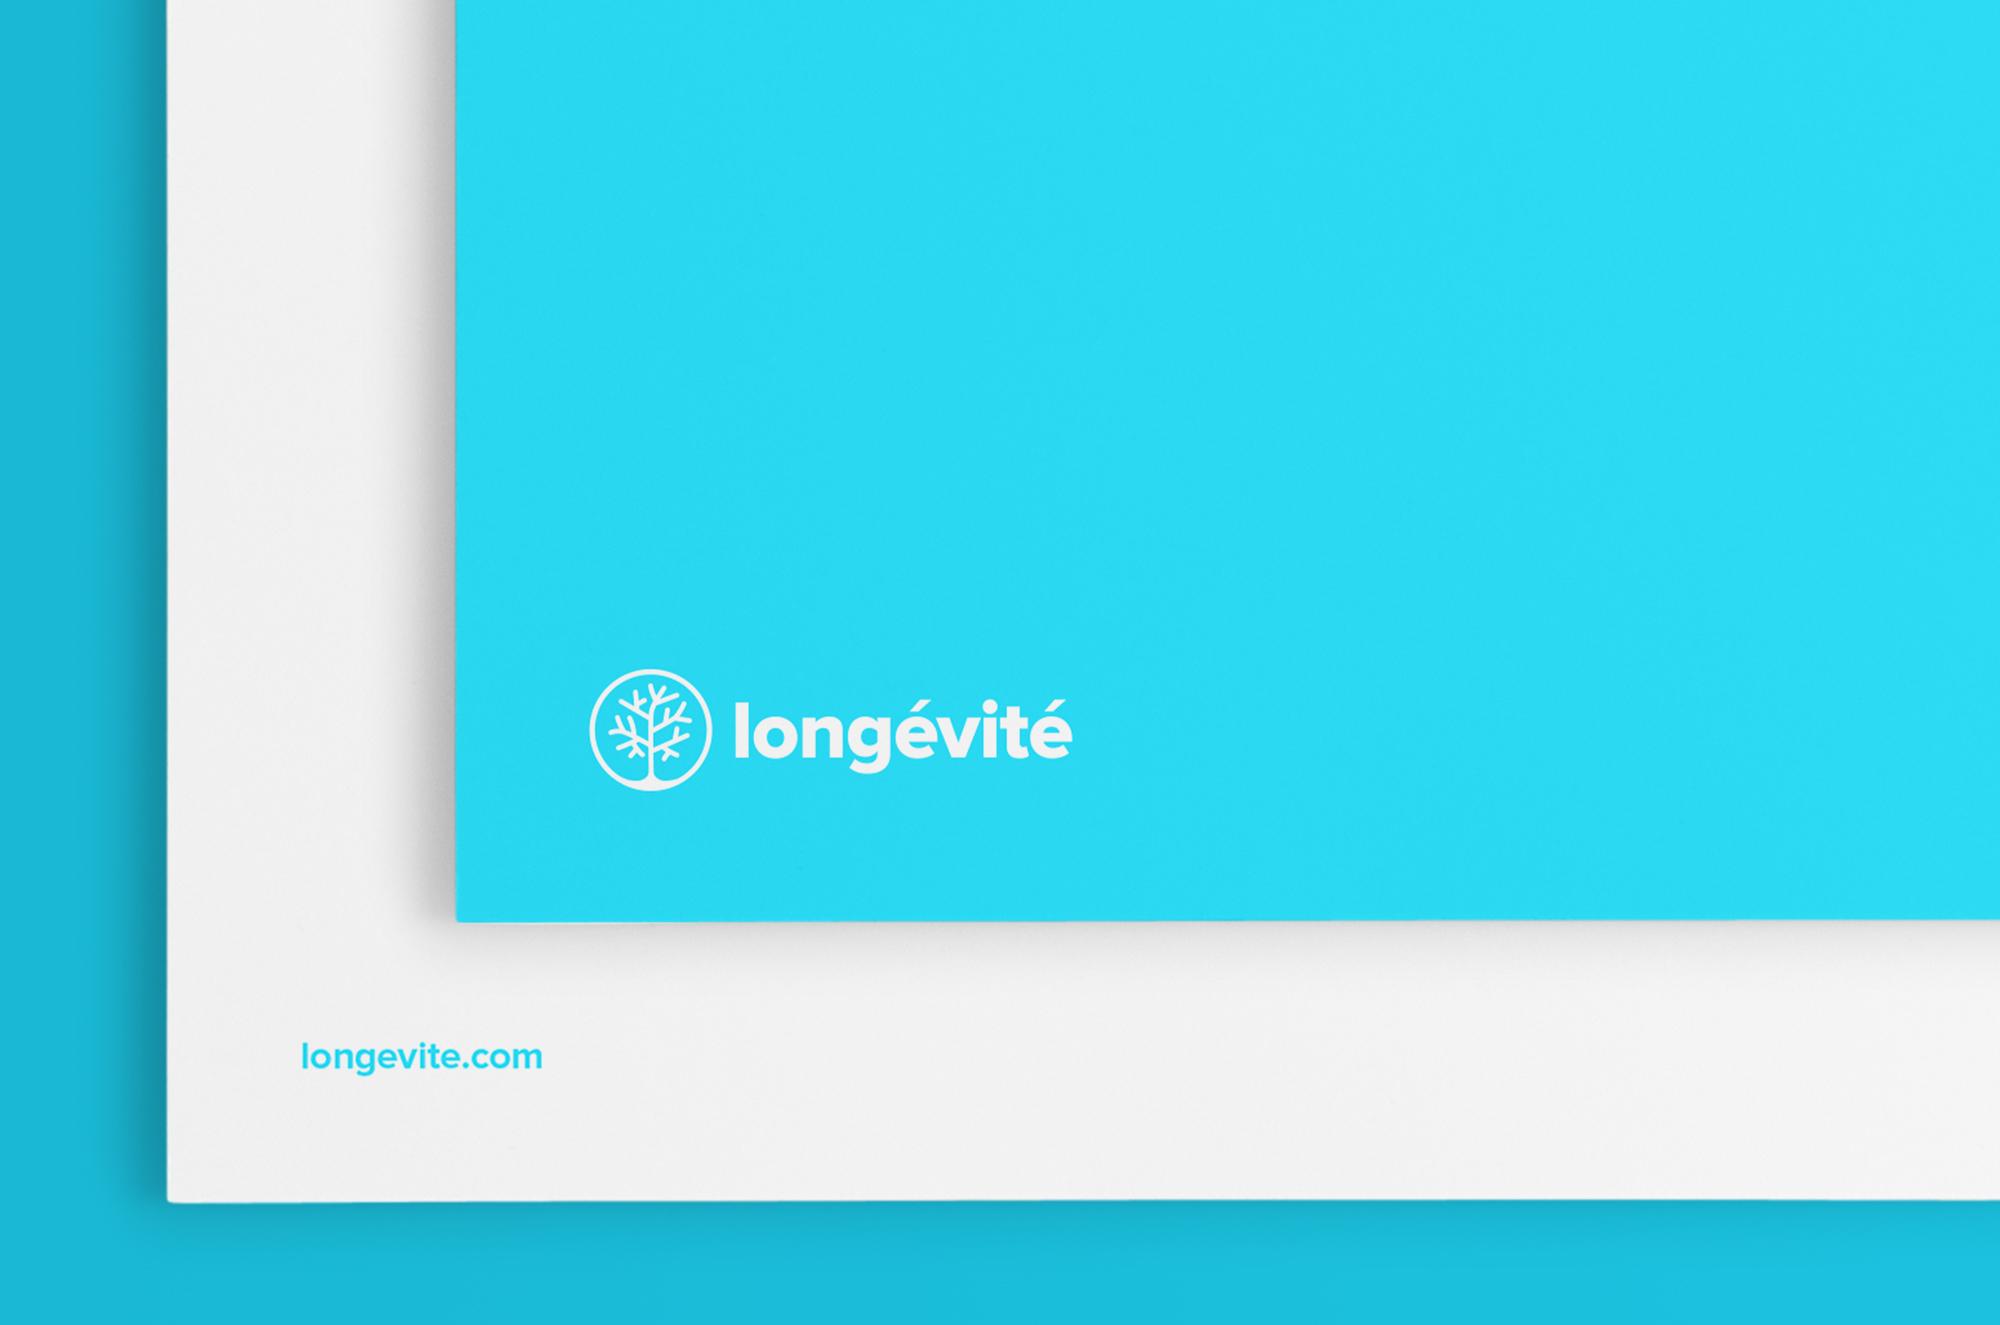 raniev-rod-alvarez-diseño-gráfico-queretaro-longevite-14-letterhead